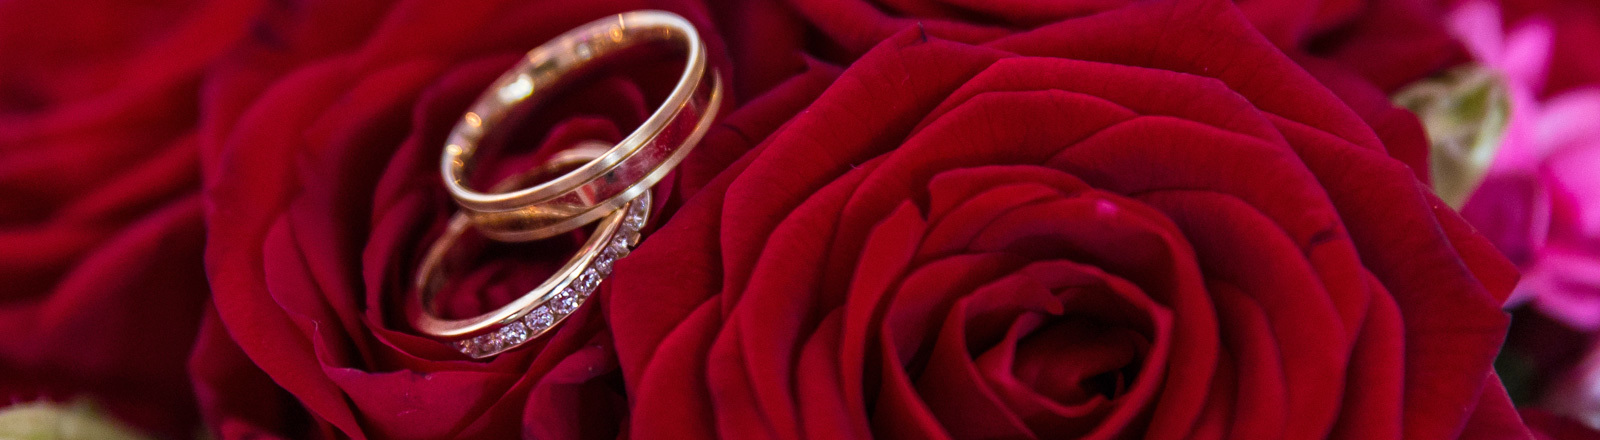 Zwei Ringe liegen auf roten Rosen.